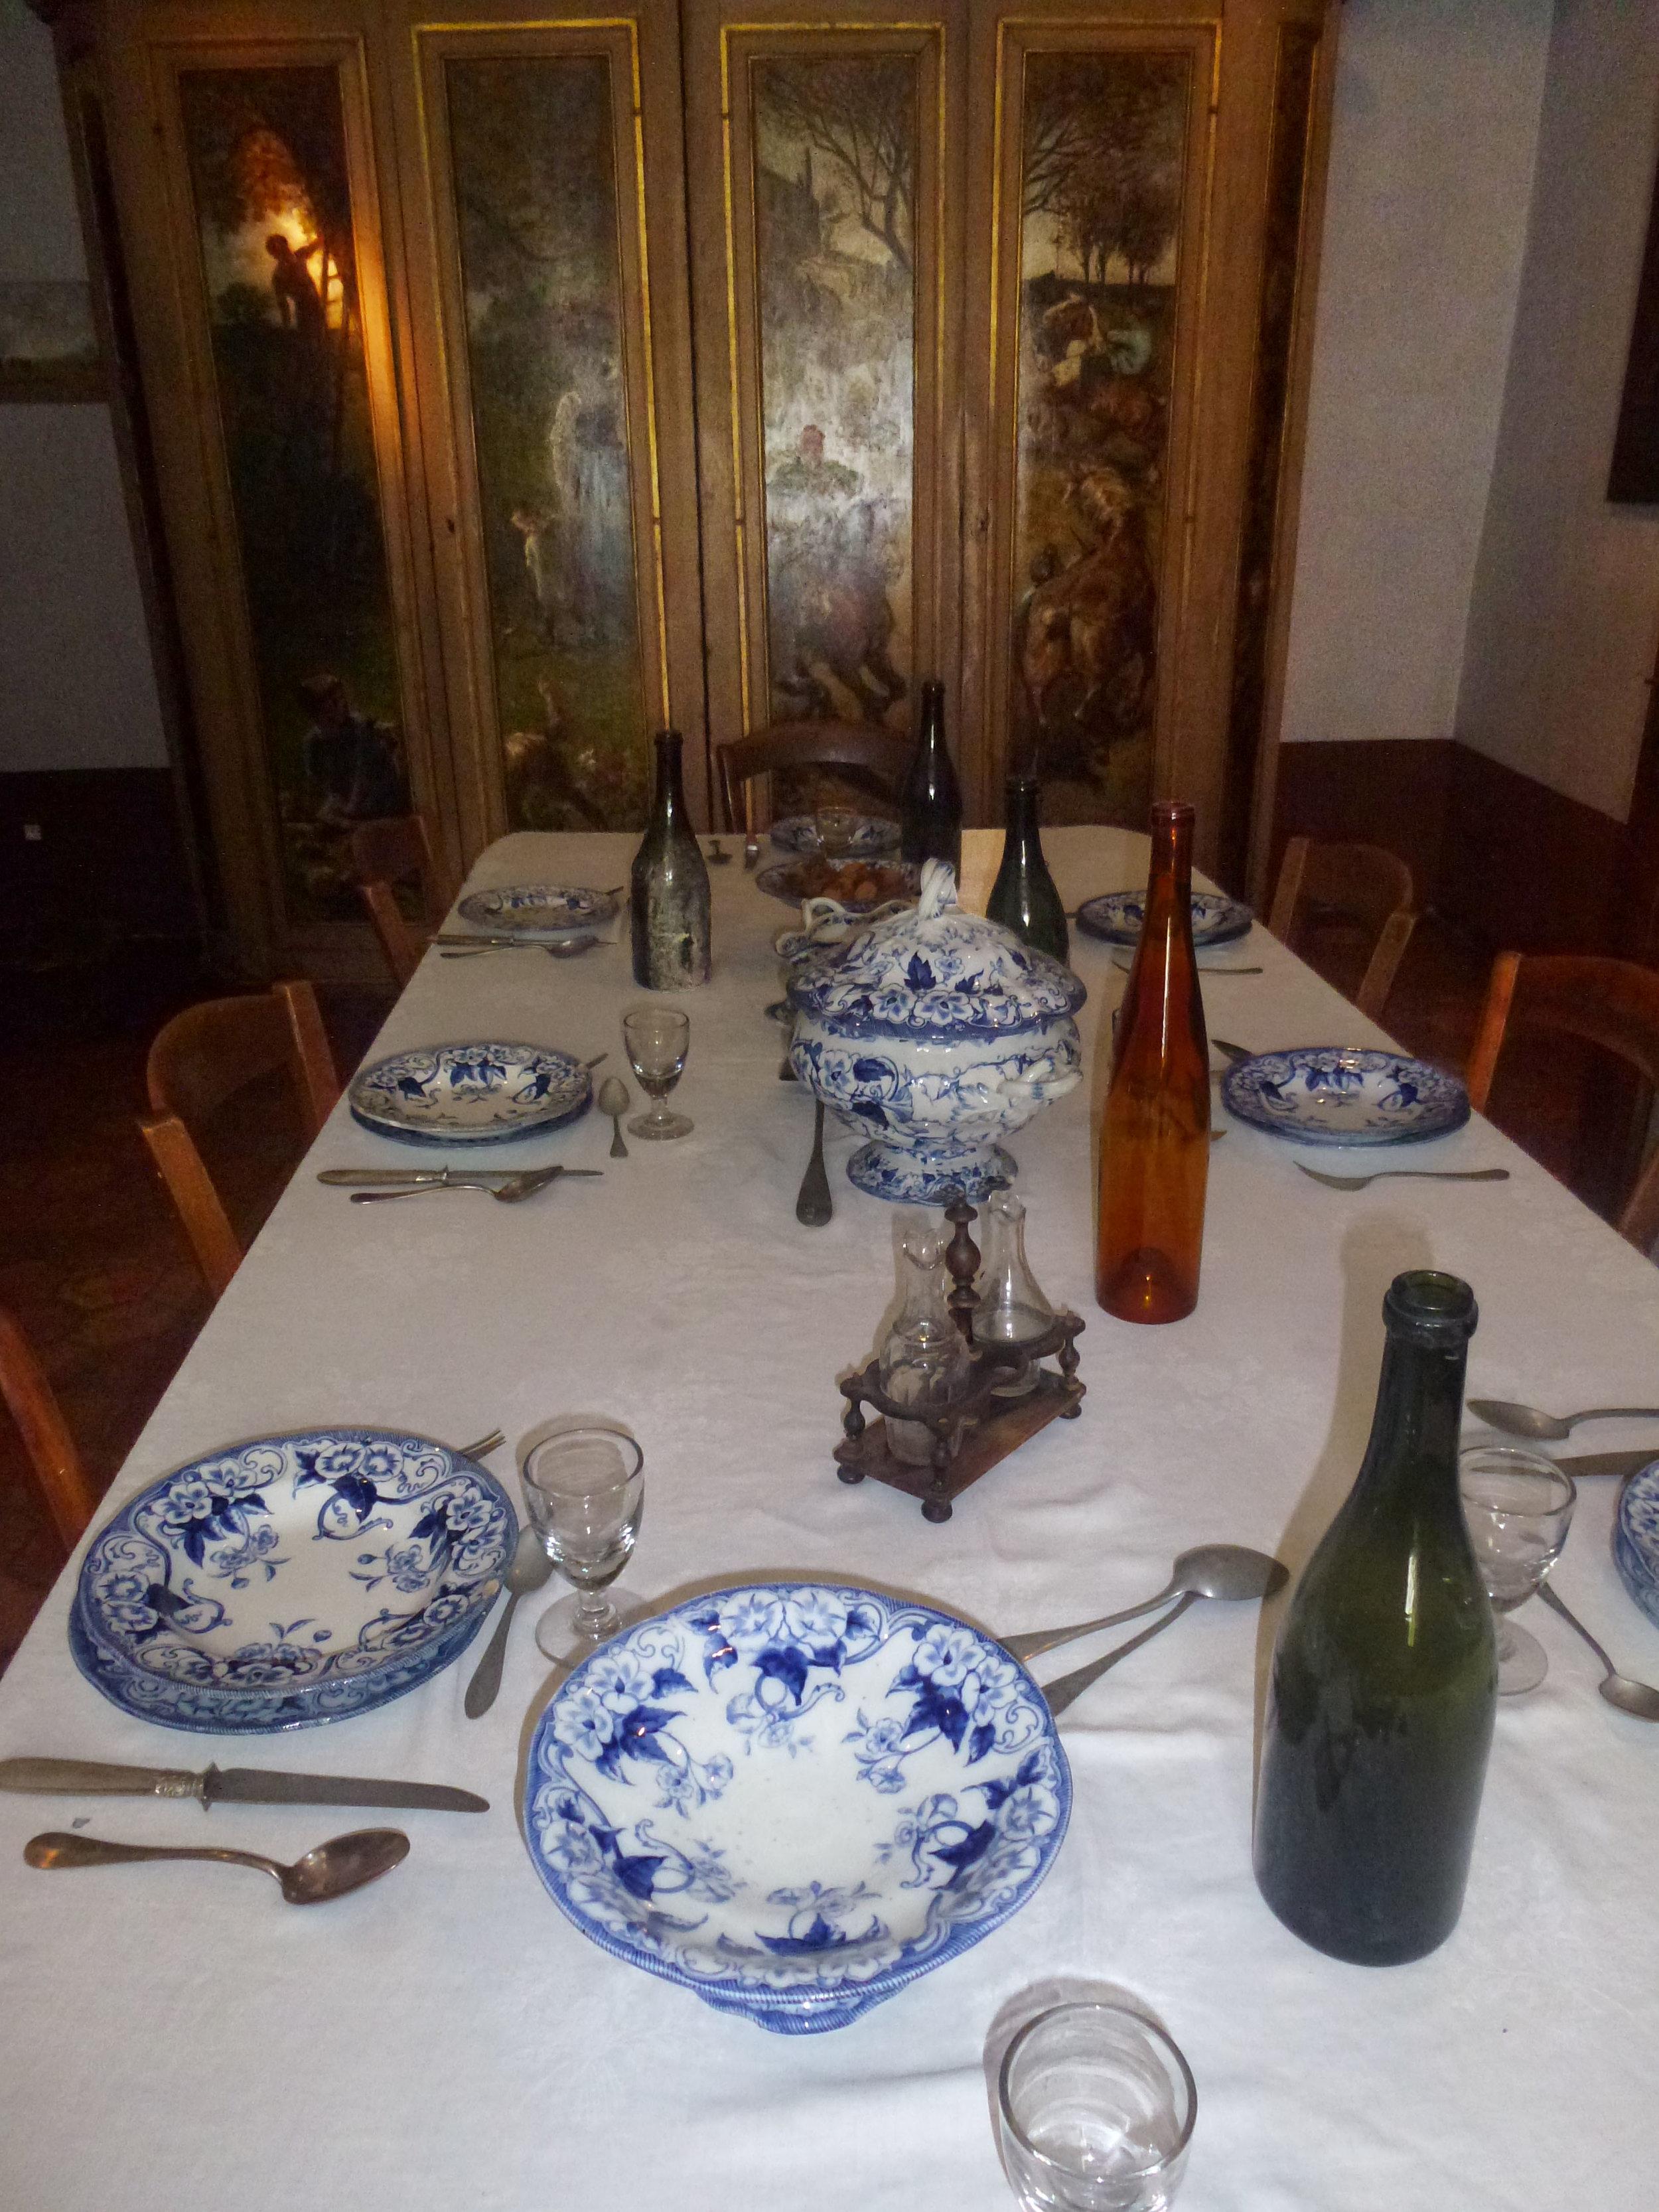 La salle à manger de l'Auberge Ganne,musée de l'École de peinture de Barbizon